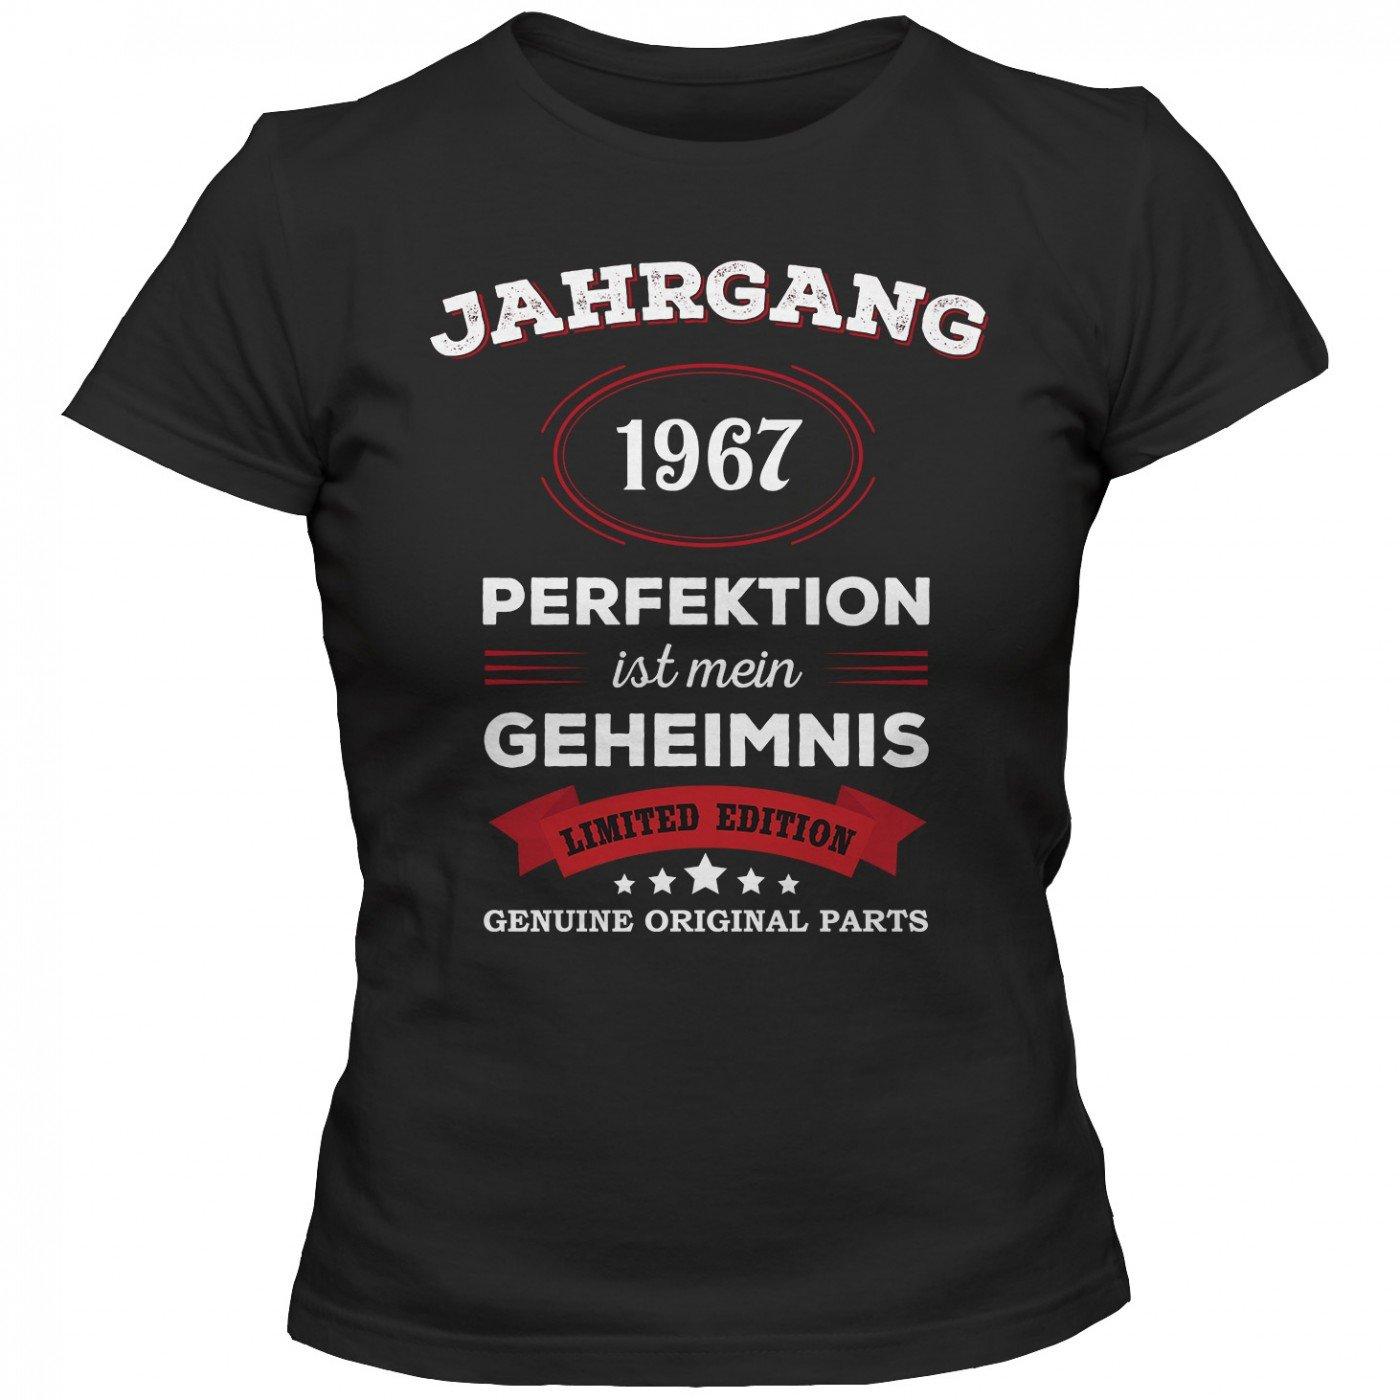 Jahrgang 1967 T-Shirt | Geburtstags-Shirt | Perfektion ist Mein Geheimnis |  50. Geburtstag | Frauen | Shirt: Amazon.de: Bekleidung